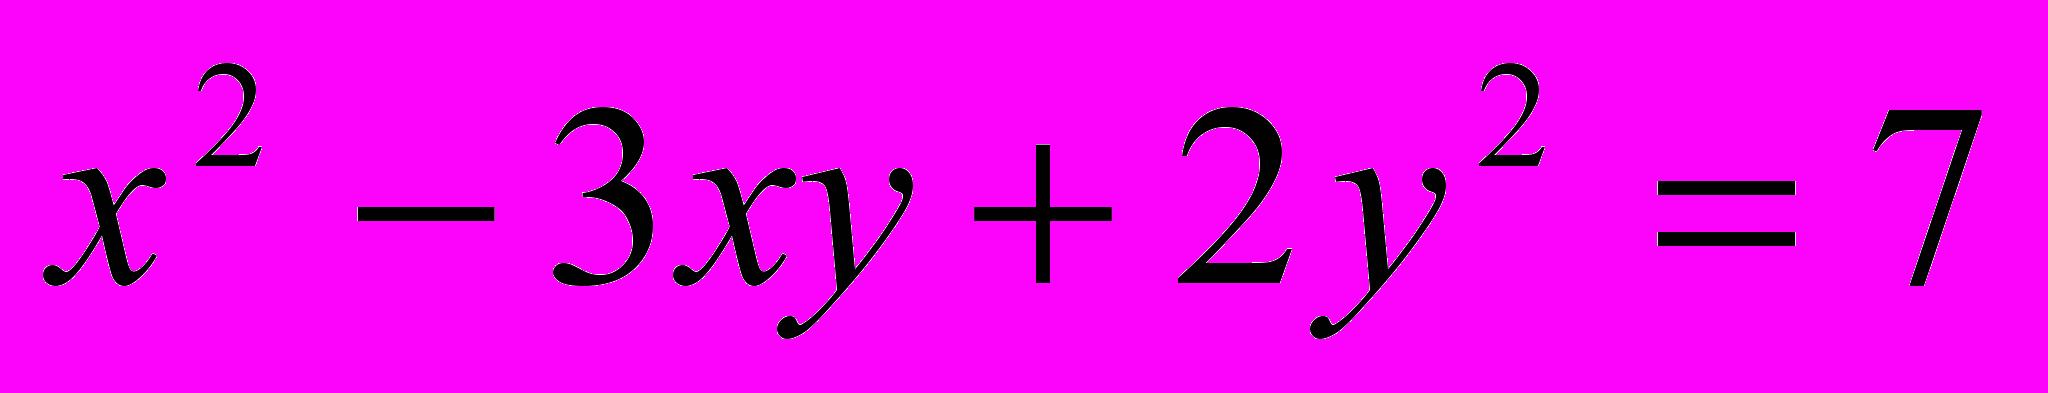 Диофантови уравнения